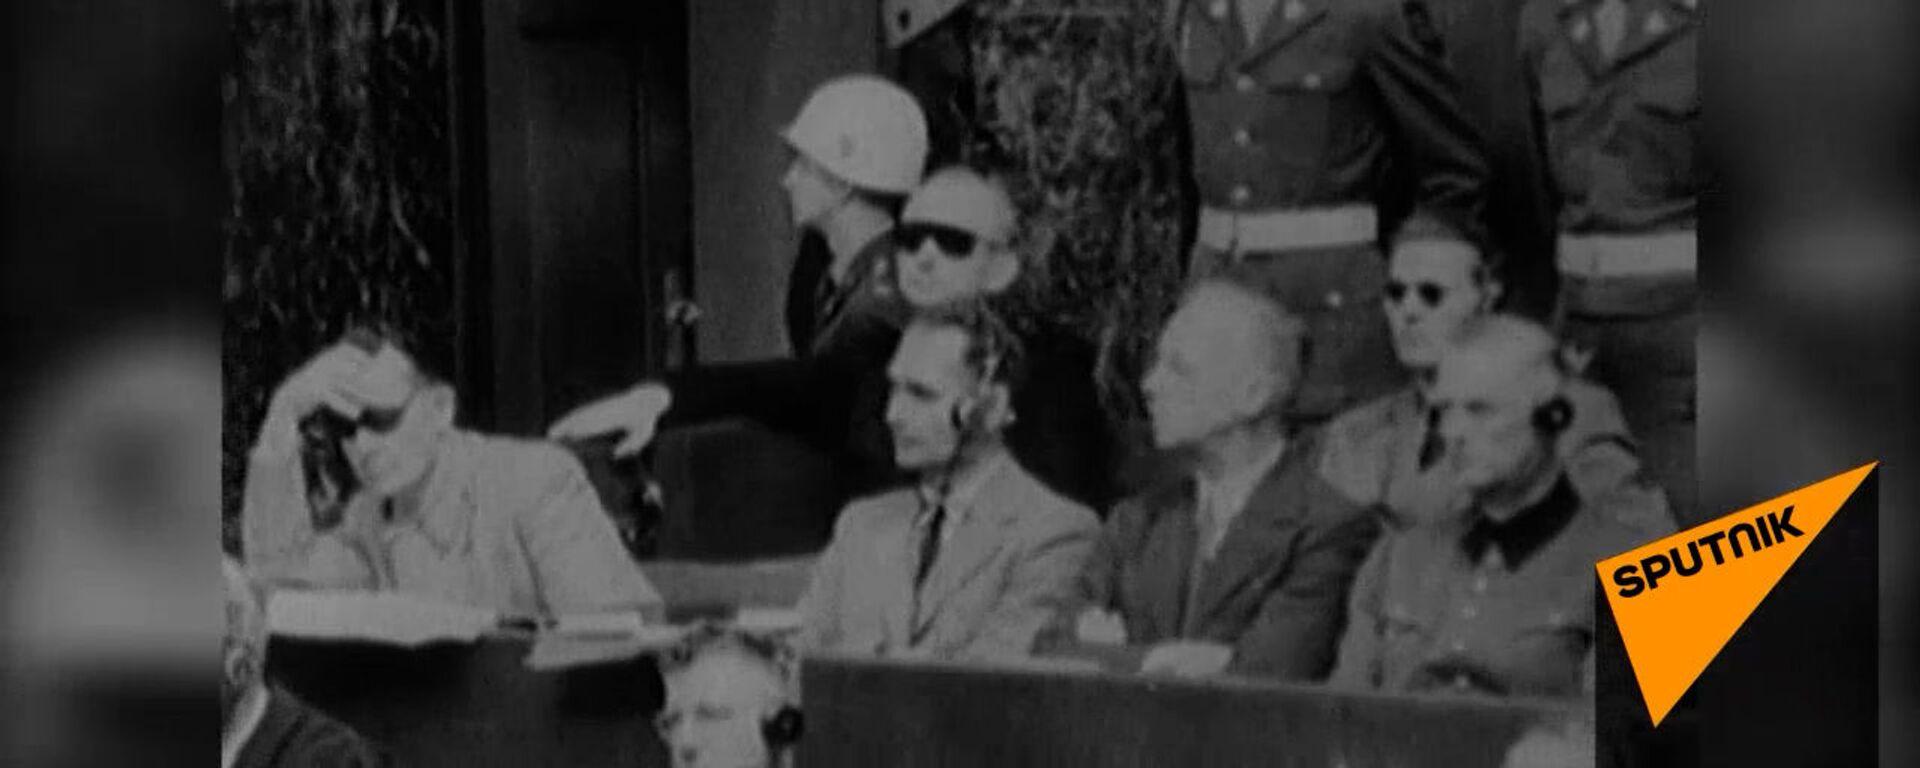 Суд истории на Нюрнбергском процессе 1945-1946 годов. Архивные кадры   - Sputnik Узбекистан, 1920, 19.11.2020